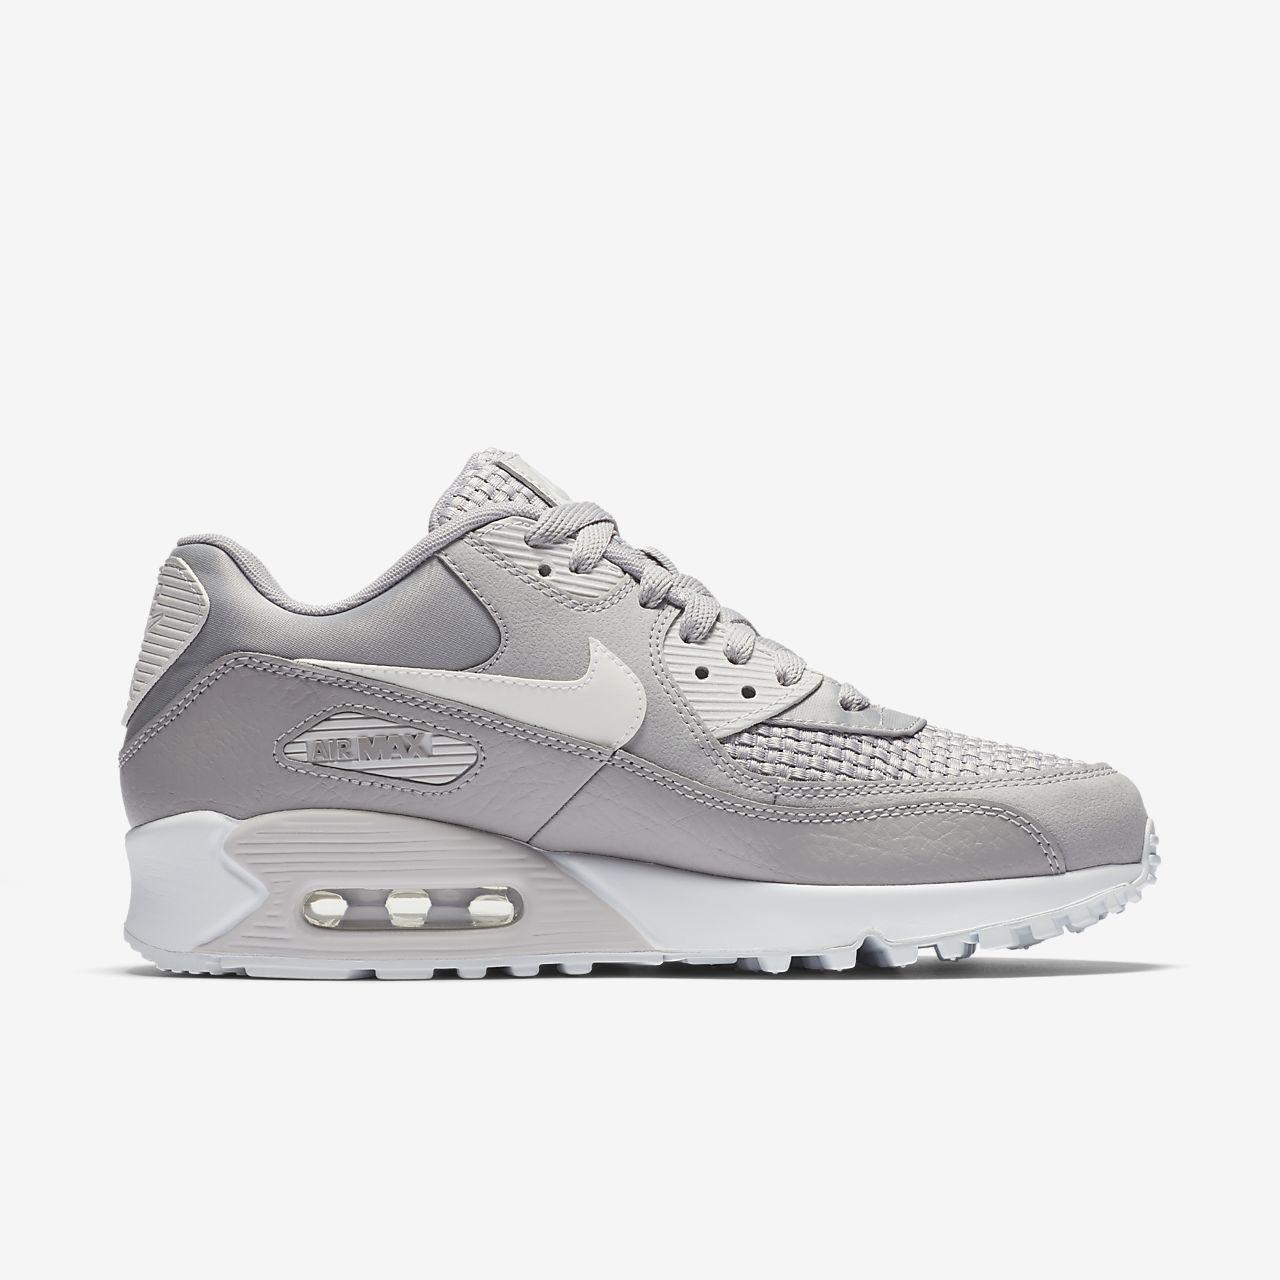 Nike WMNS AIR MAX 90 / NOIR Noir - Chaussures Chaussures-de-running Femme